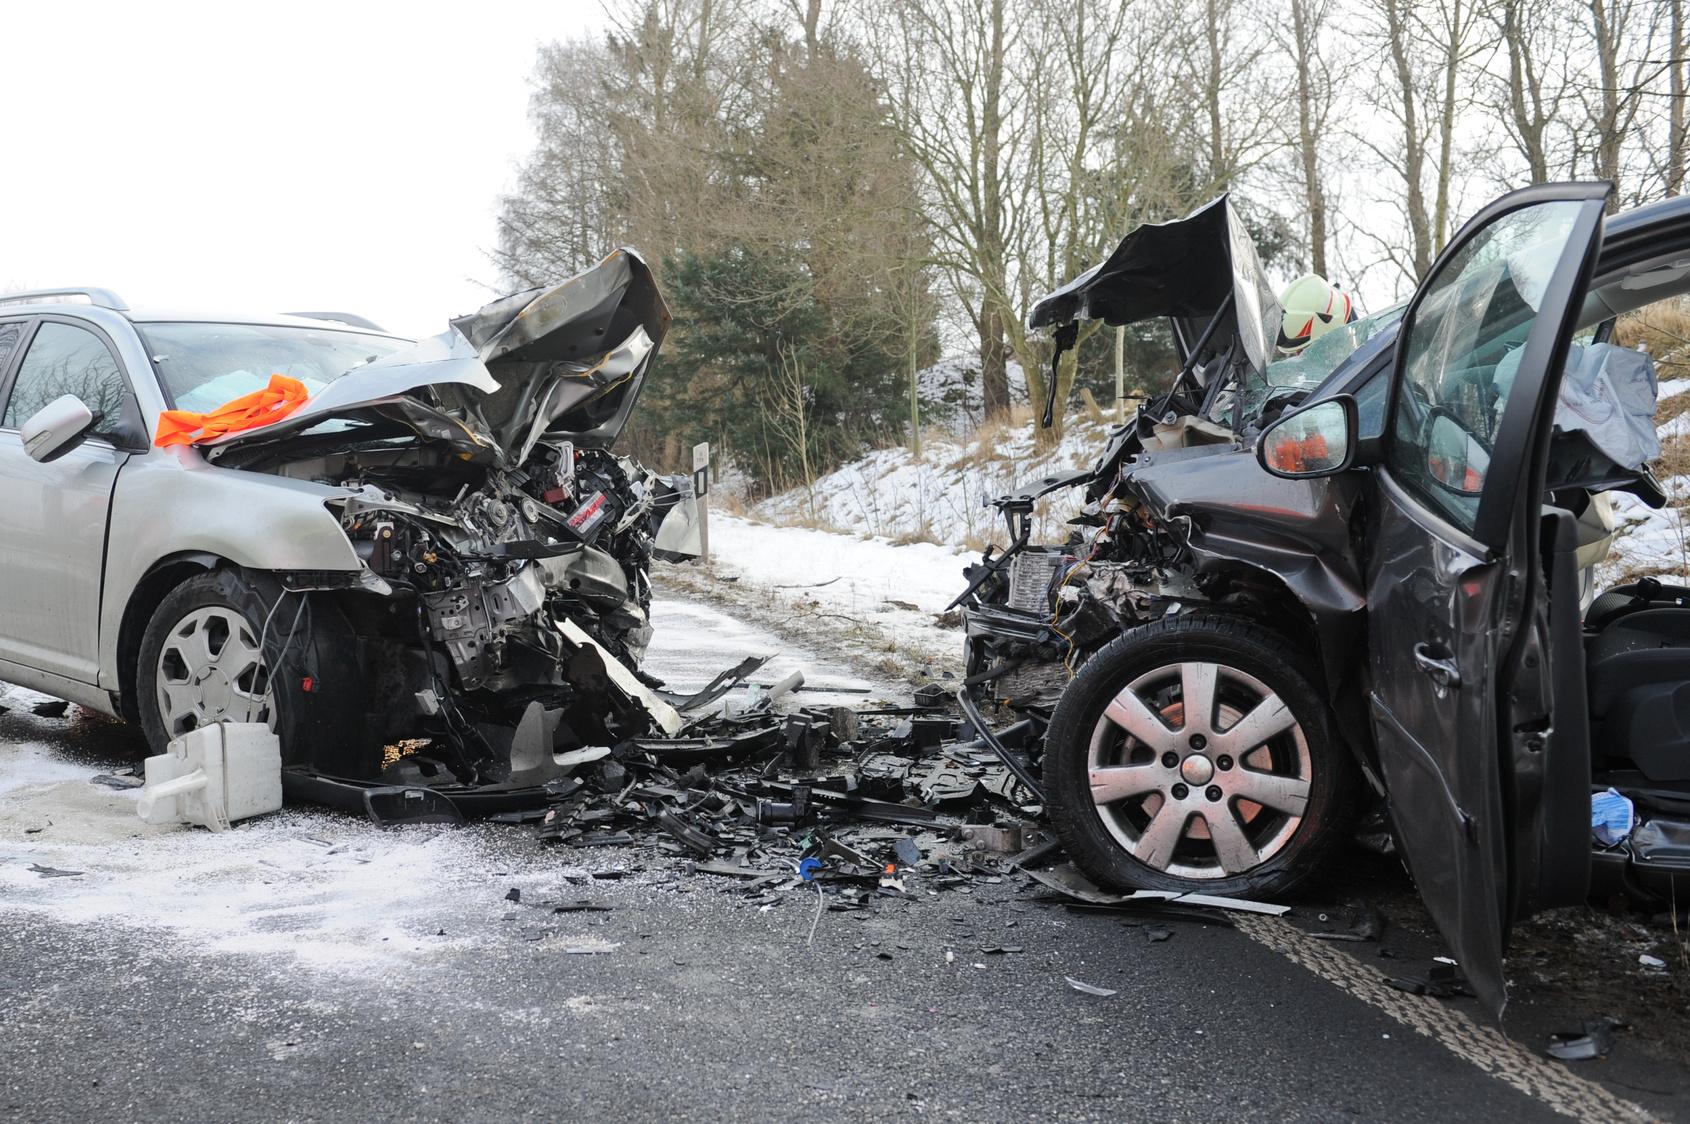 Verkehrsunfall in Polen